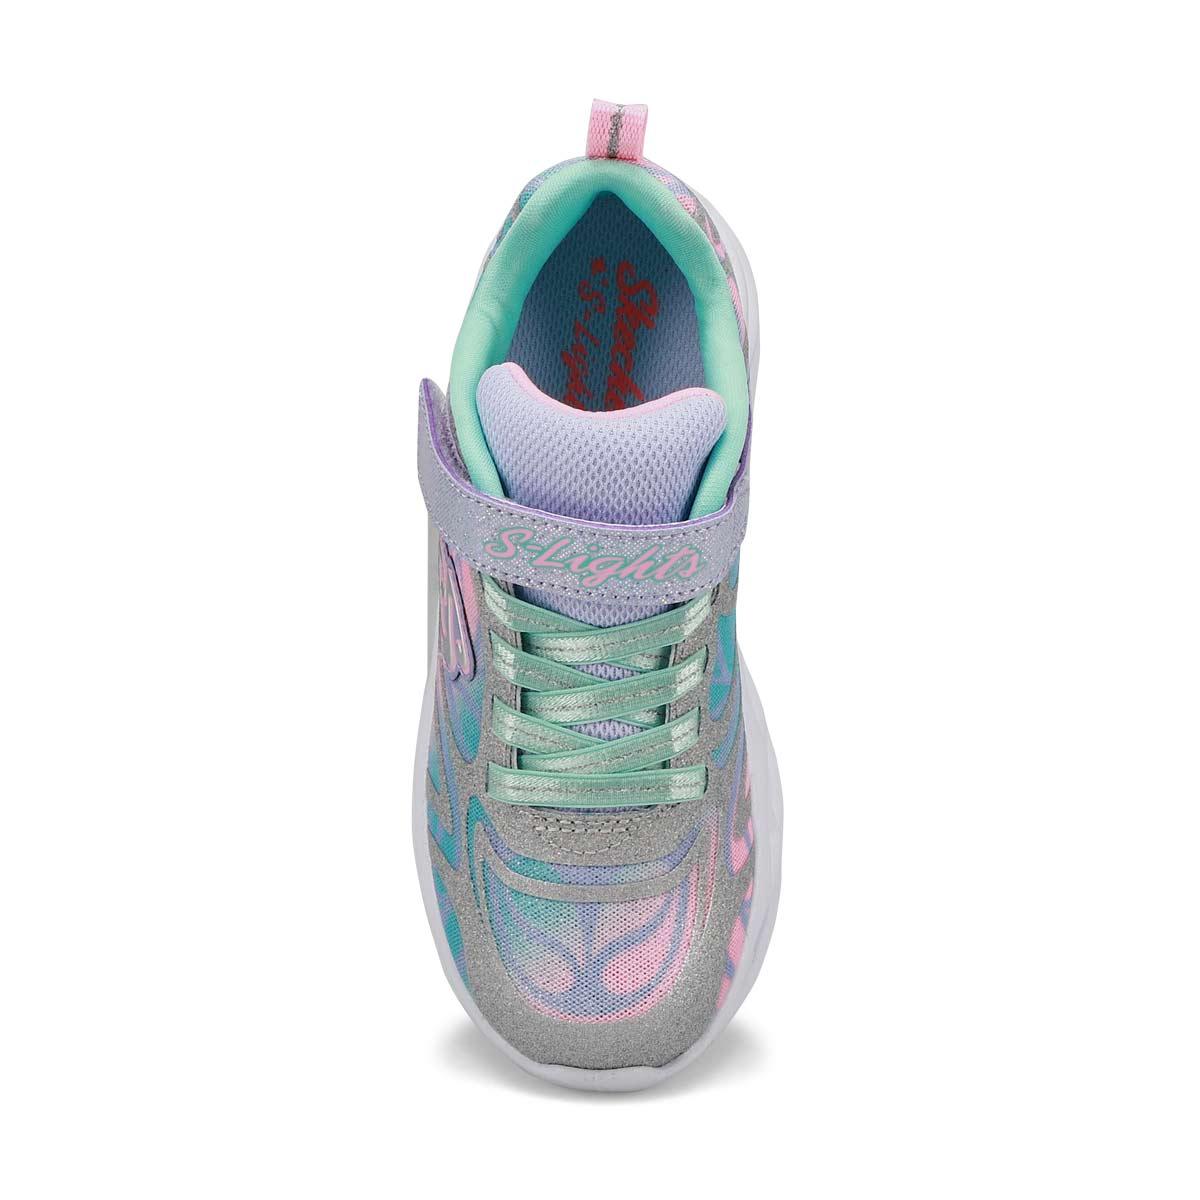 Girls' Twisty Bright Sneakers- Silver/Multi